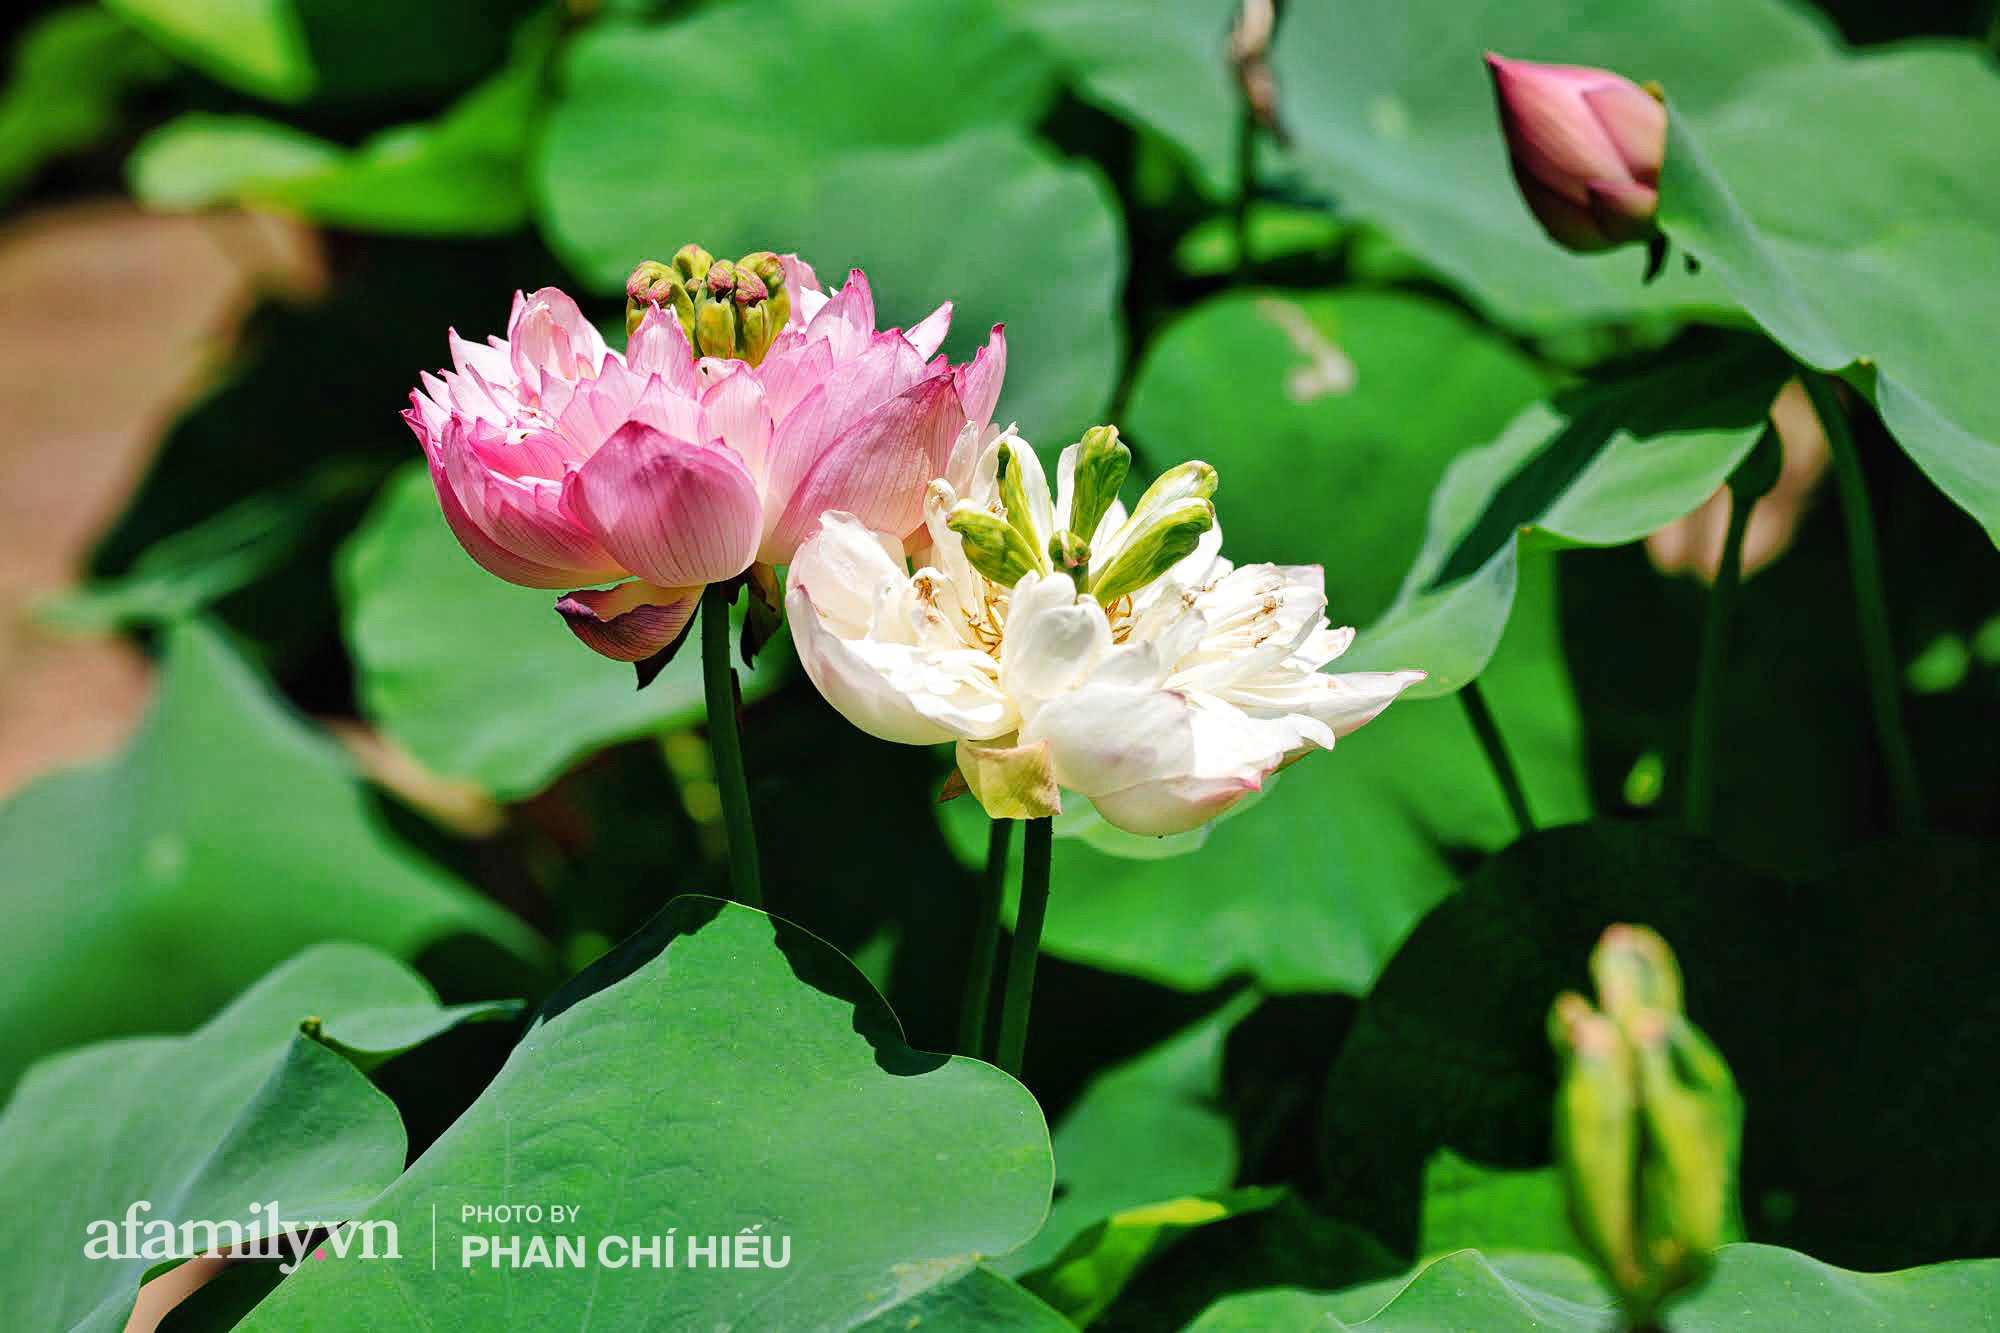 Độc đáo với thú chơi sen cung đình Huế tại Hà Nội, nở hoa tuyệt đẹp giữa ngôi nhà cổ trăm năm tuổi khiến bao người mê mẩn - Ảnh 2.